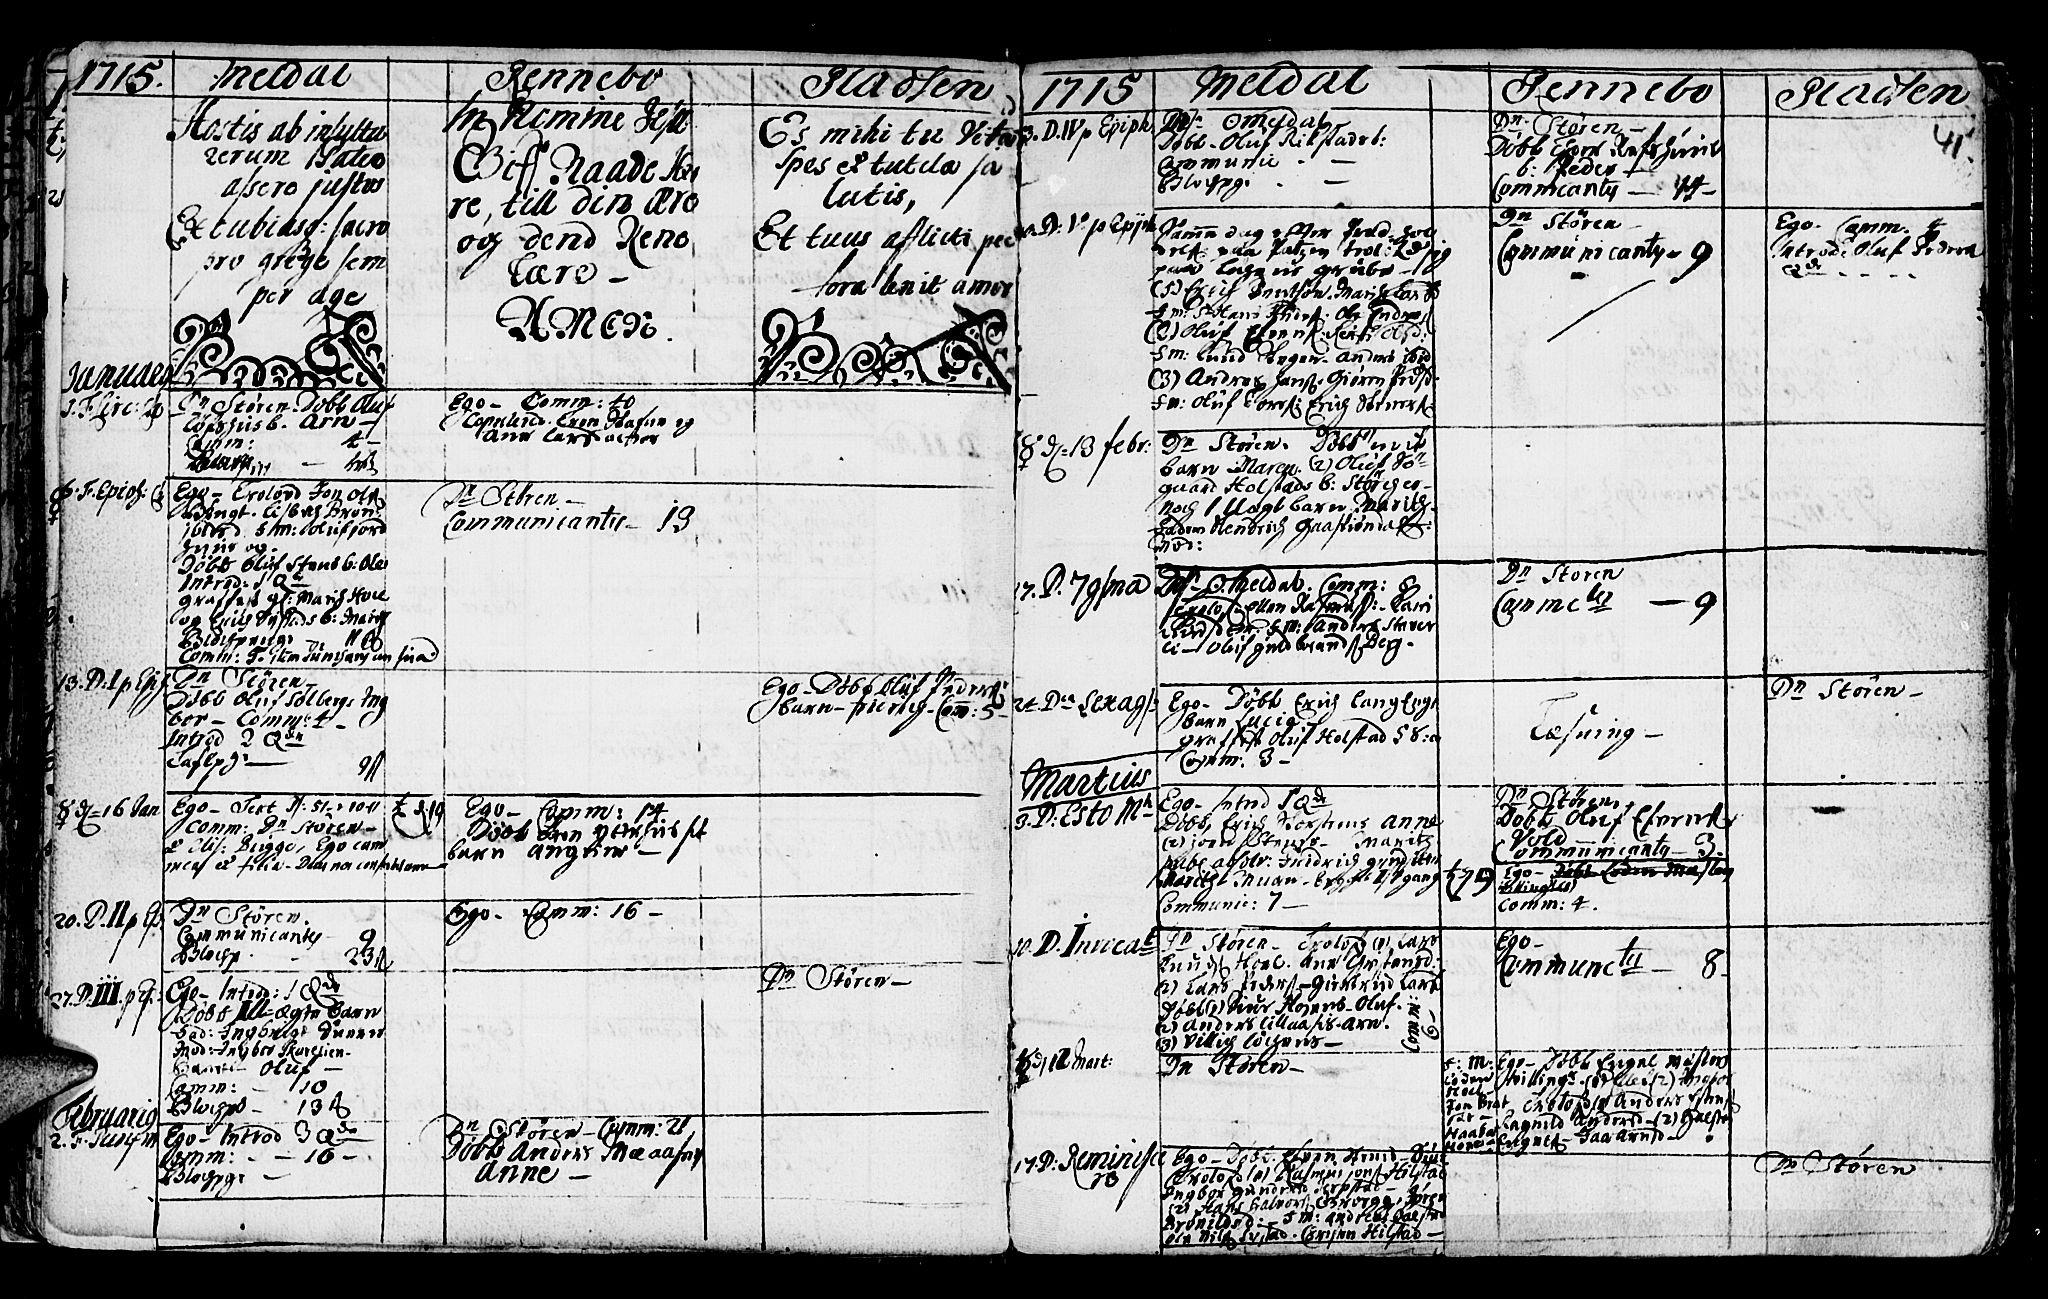 SAT, Ministerialprotokoller, klokkerbøker og fødselsregistre - Sør-Trøndelag, 672/L0849: Ministerialbok nr. 672A02, 1705-1725, s. 41